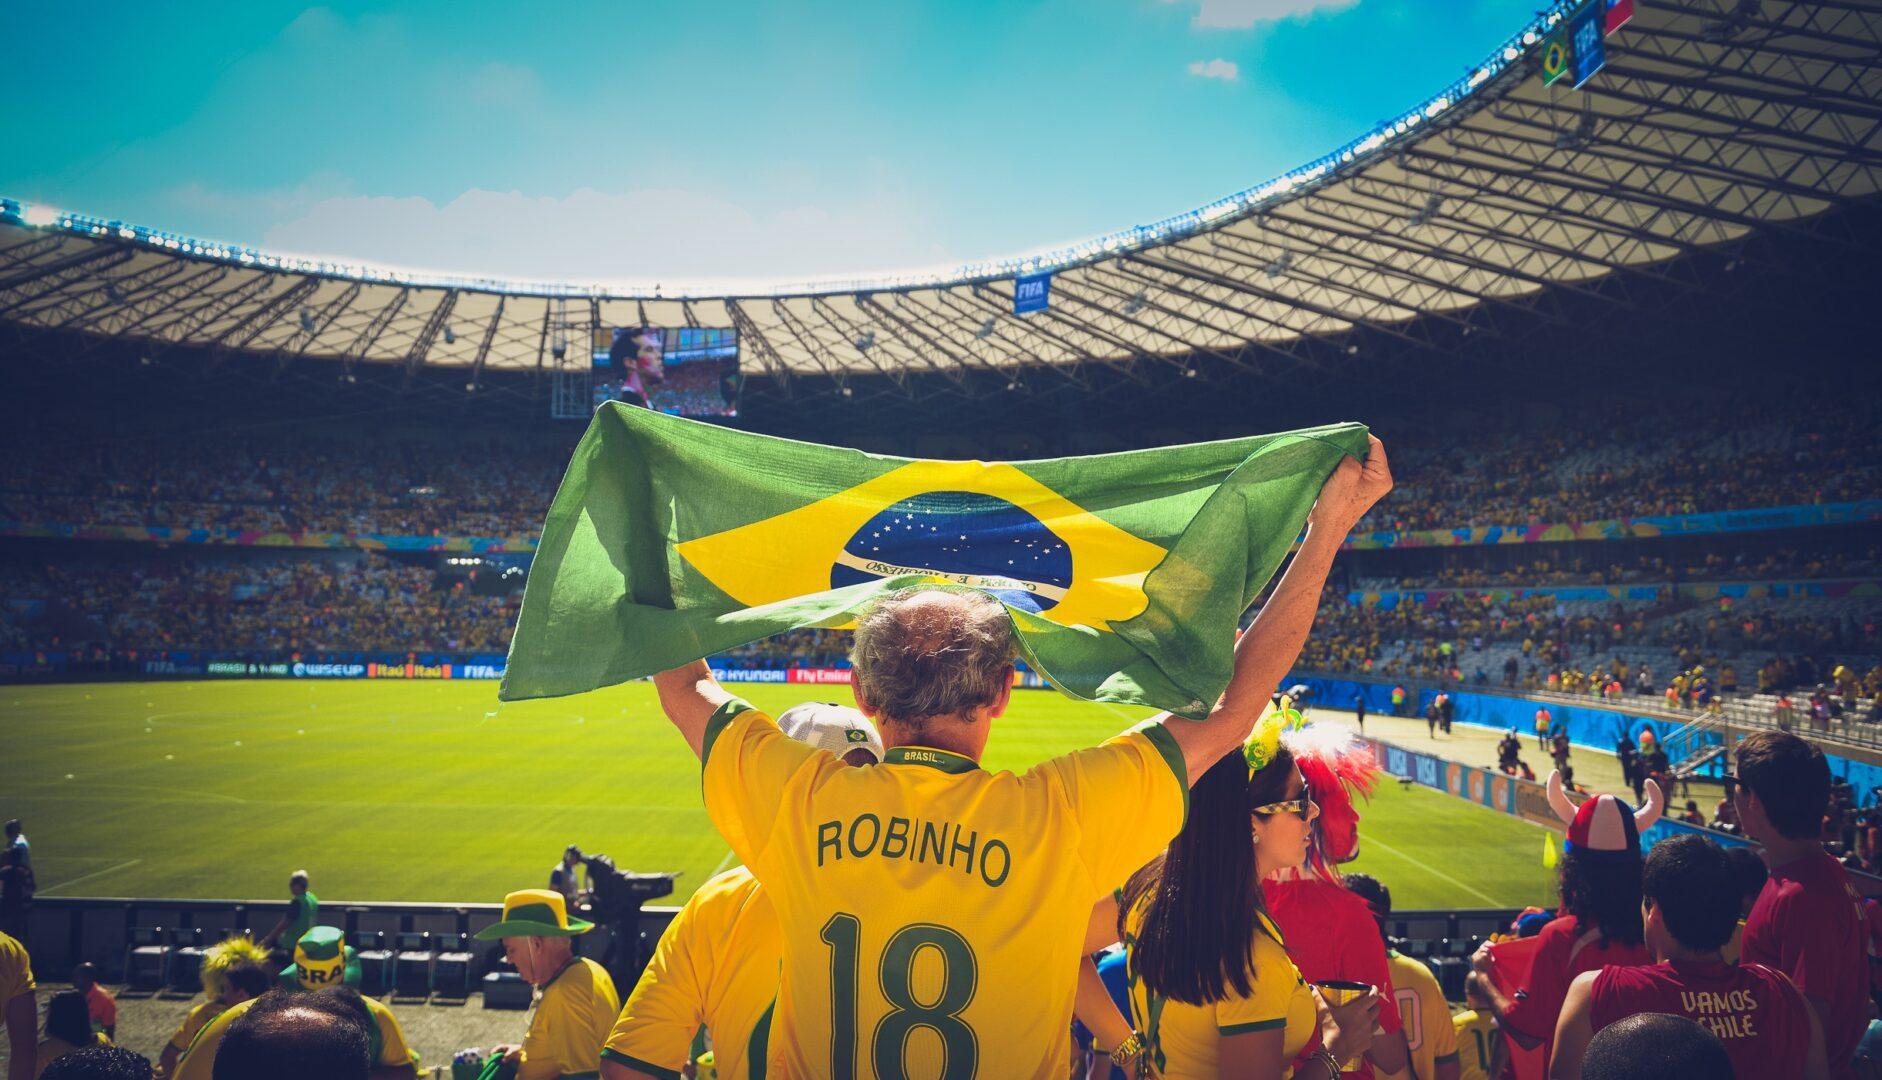 Os brasileiros são demais!